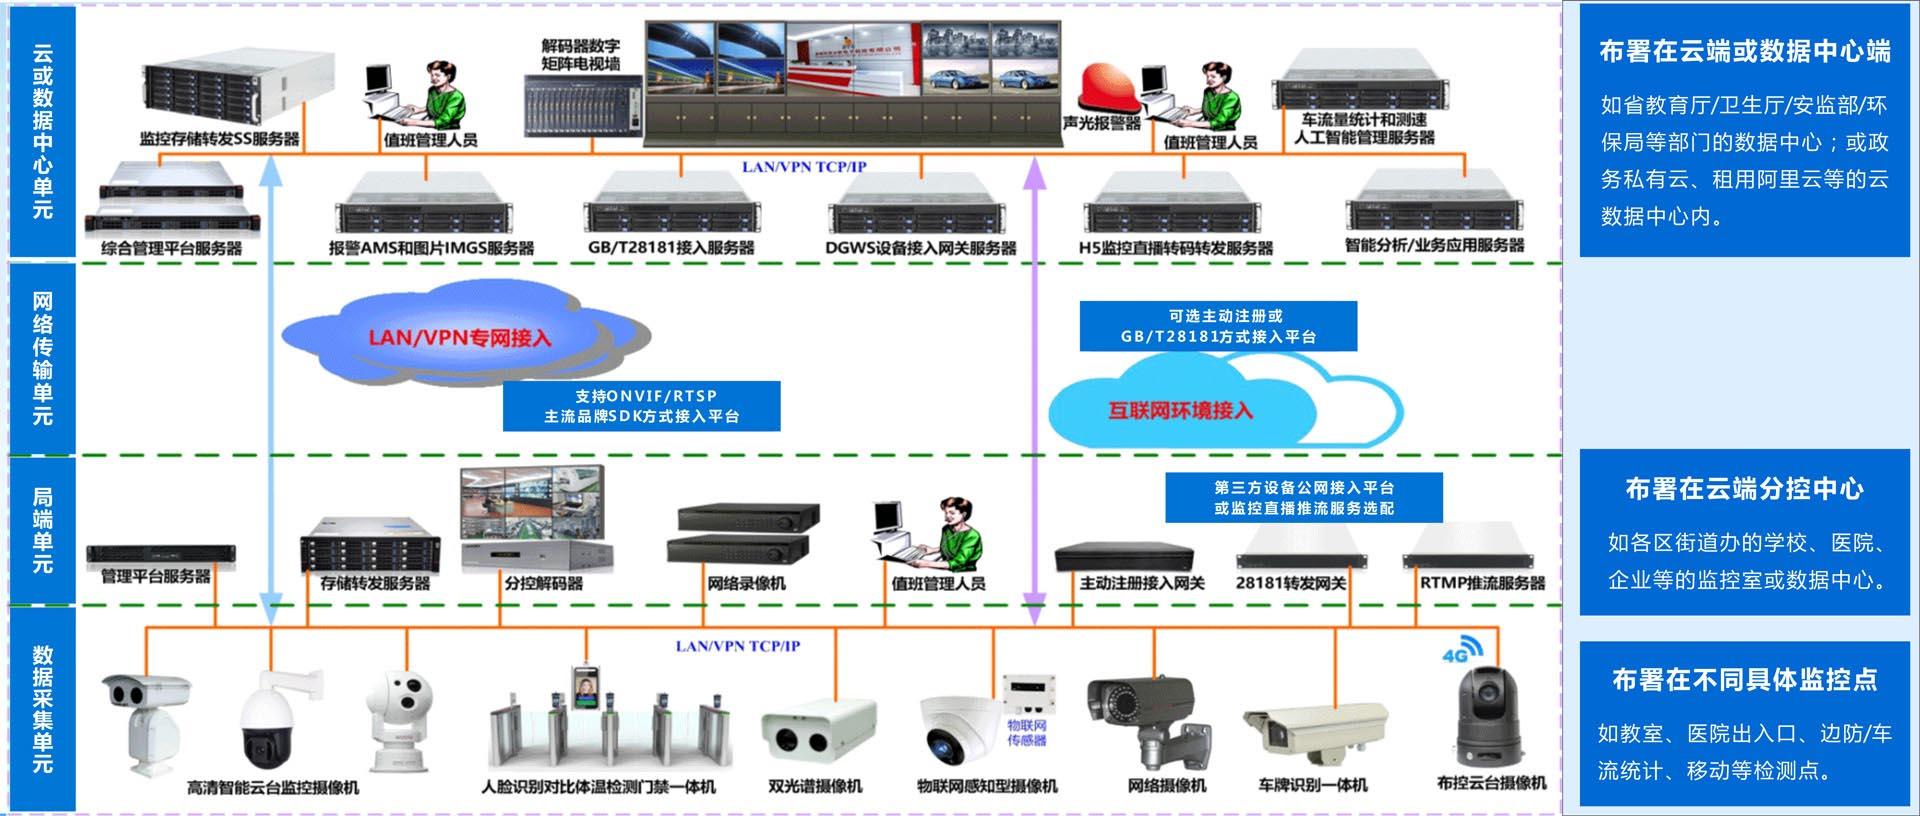 云视频监控方案2.jpg